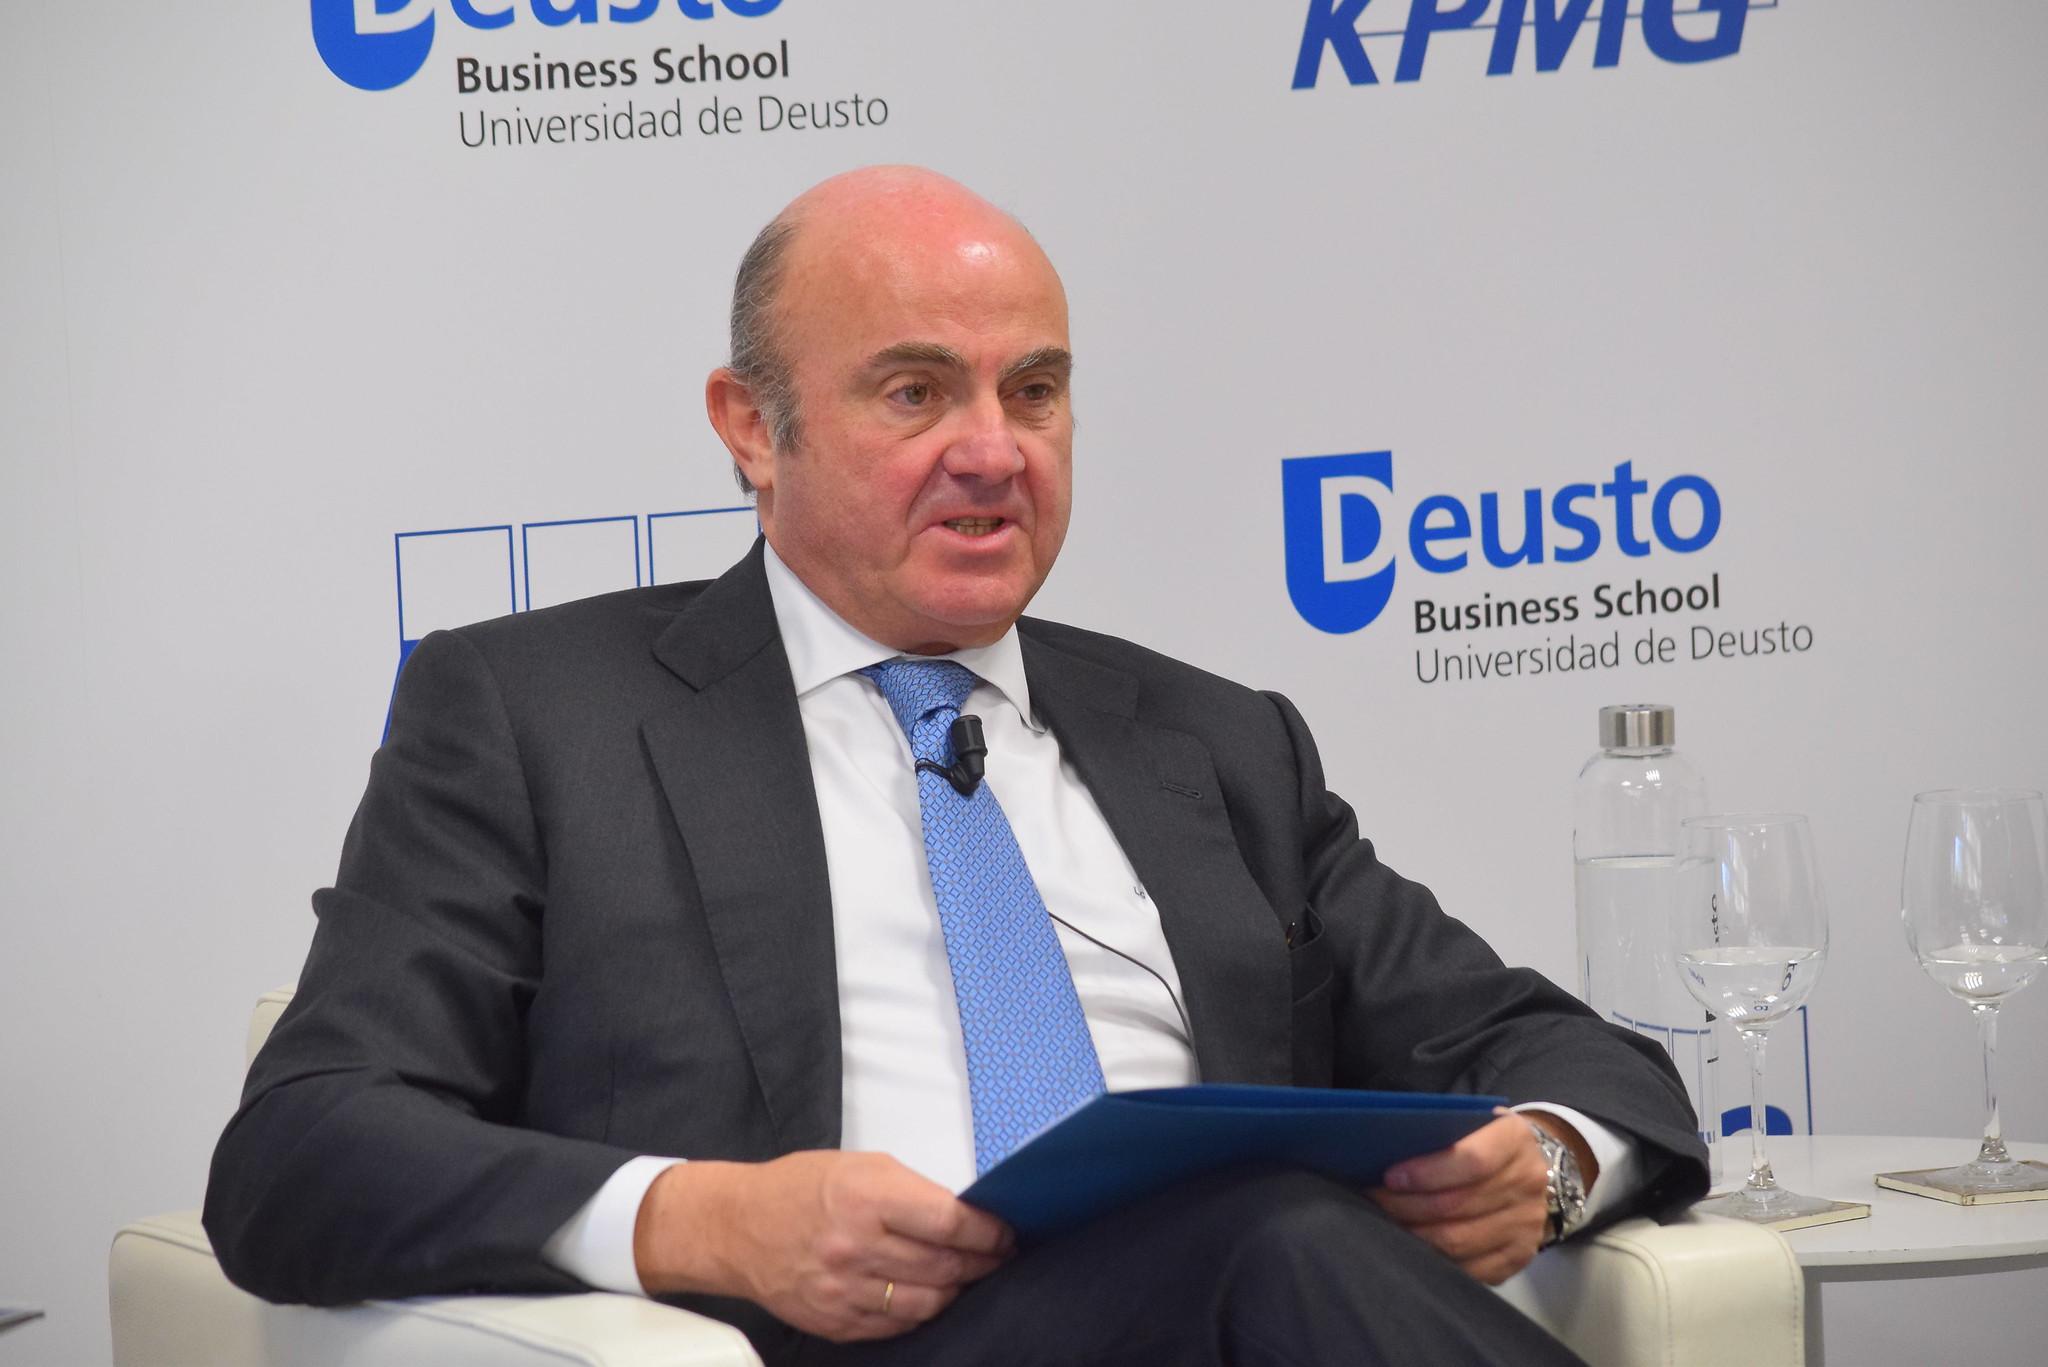 11/02/2019 - Ciclo las finanzas y sus desafíos con el vicepresidente del BCE, Luis de Guindos